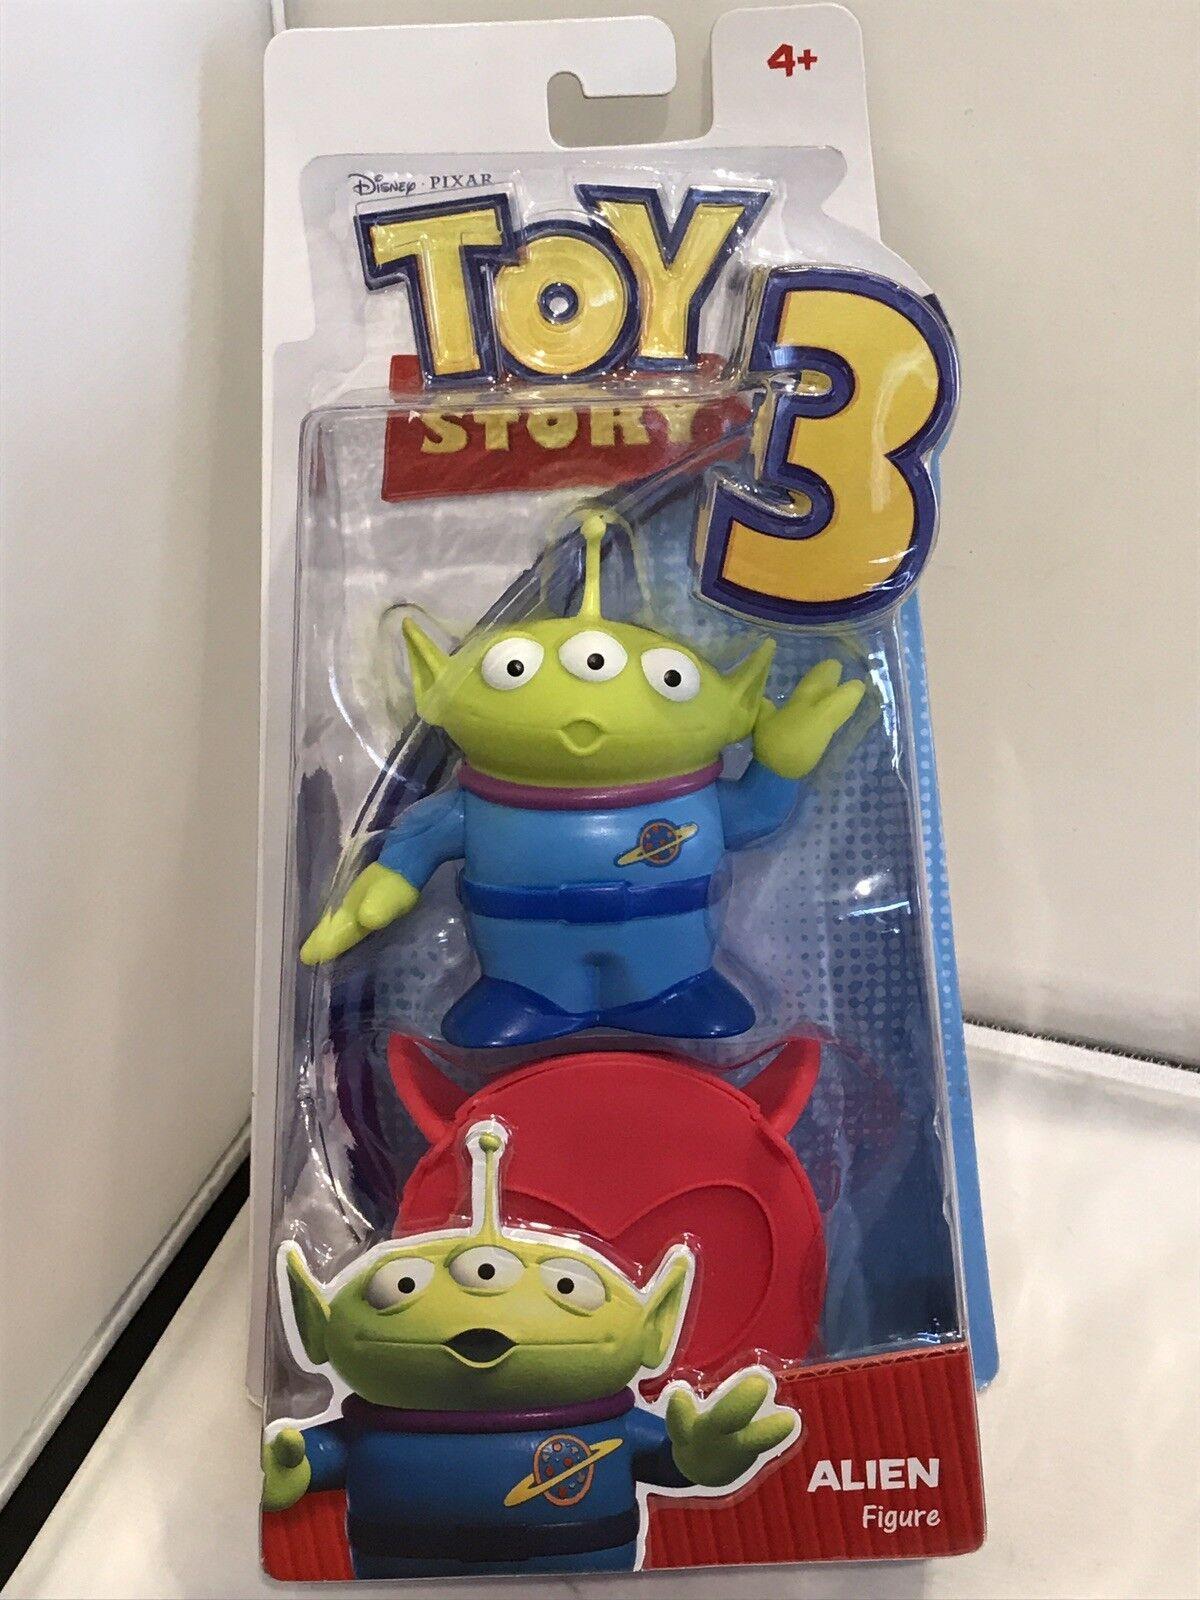 Toy Story 3 Alien Figure